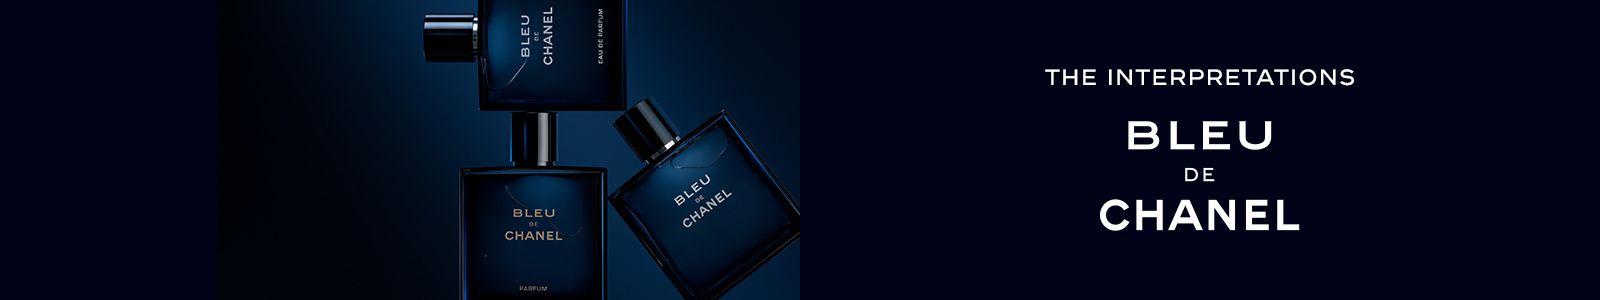 The Interpretations, Bleu de Chanel